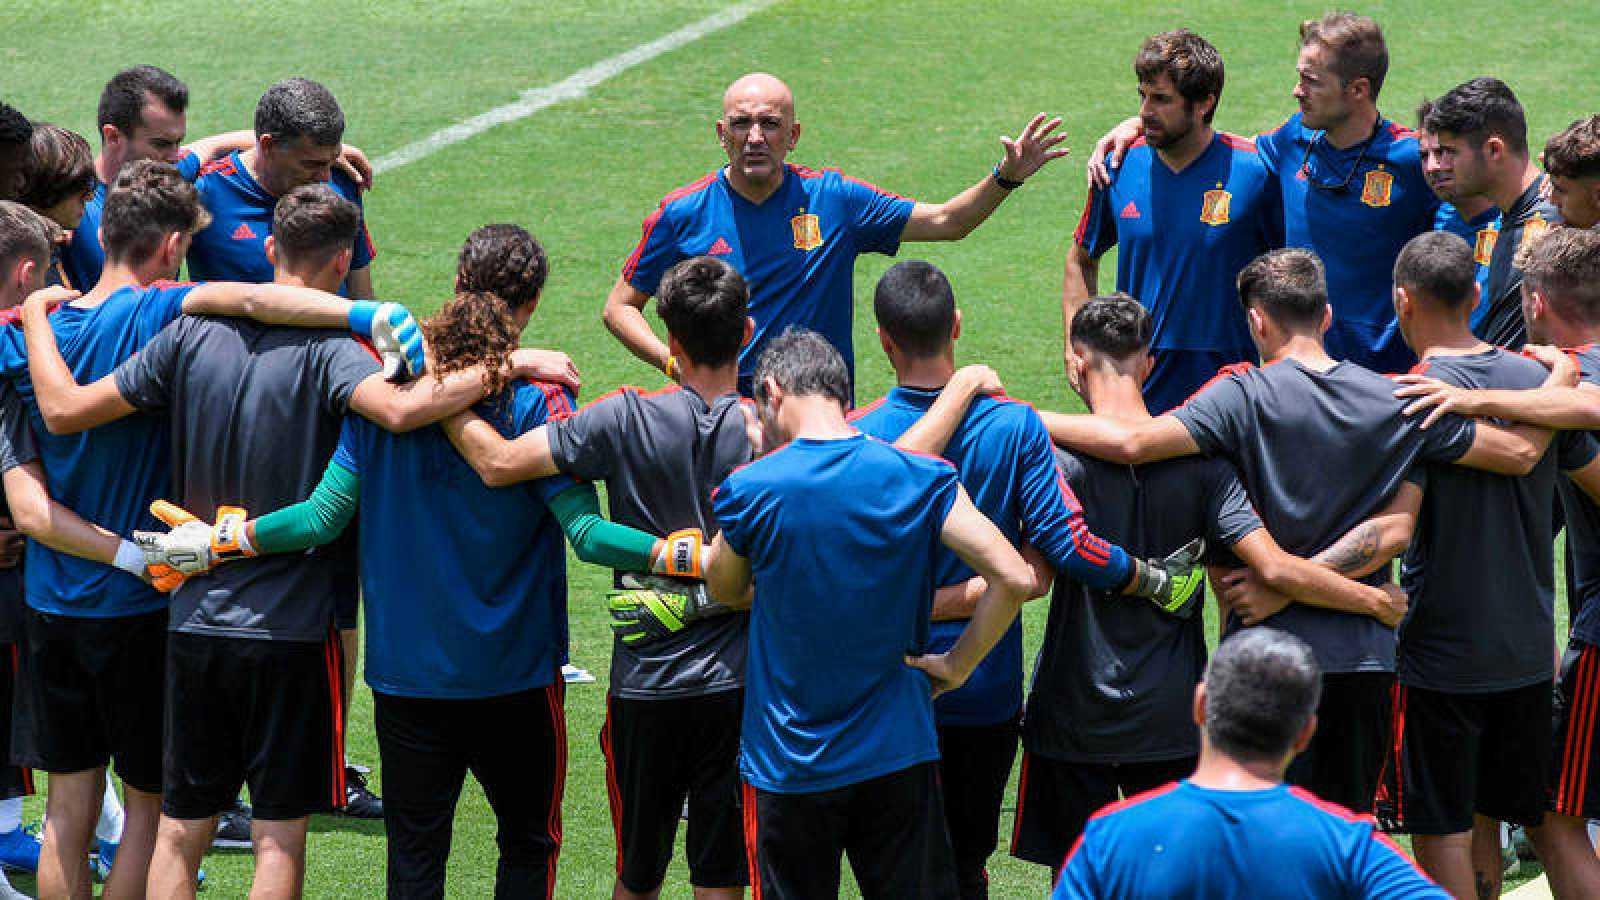 El entrenador de la selección española, David Gordo, habla con sus jugadores durante un entrenamiento de cara al Mundial Sub'17.